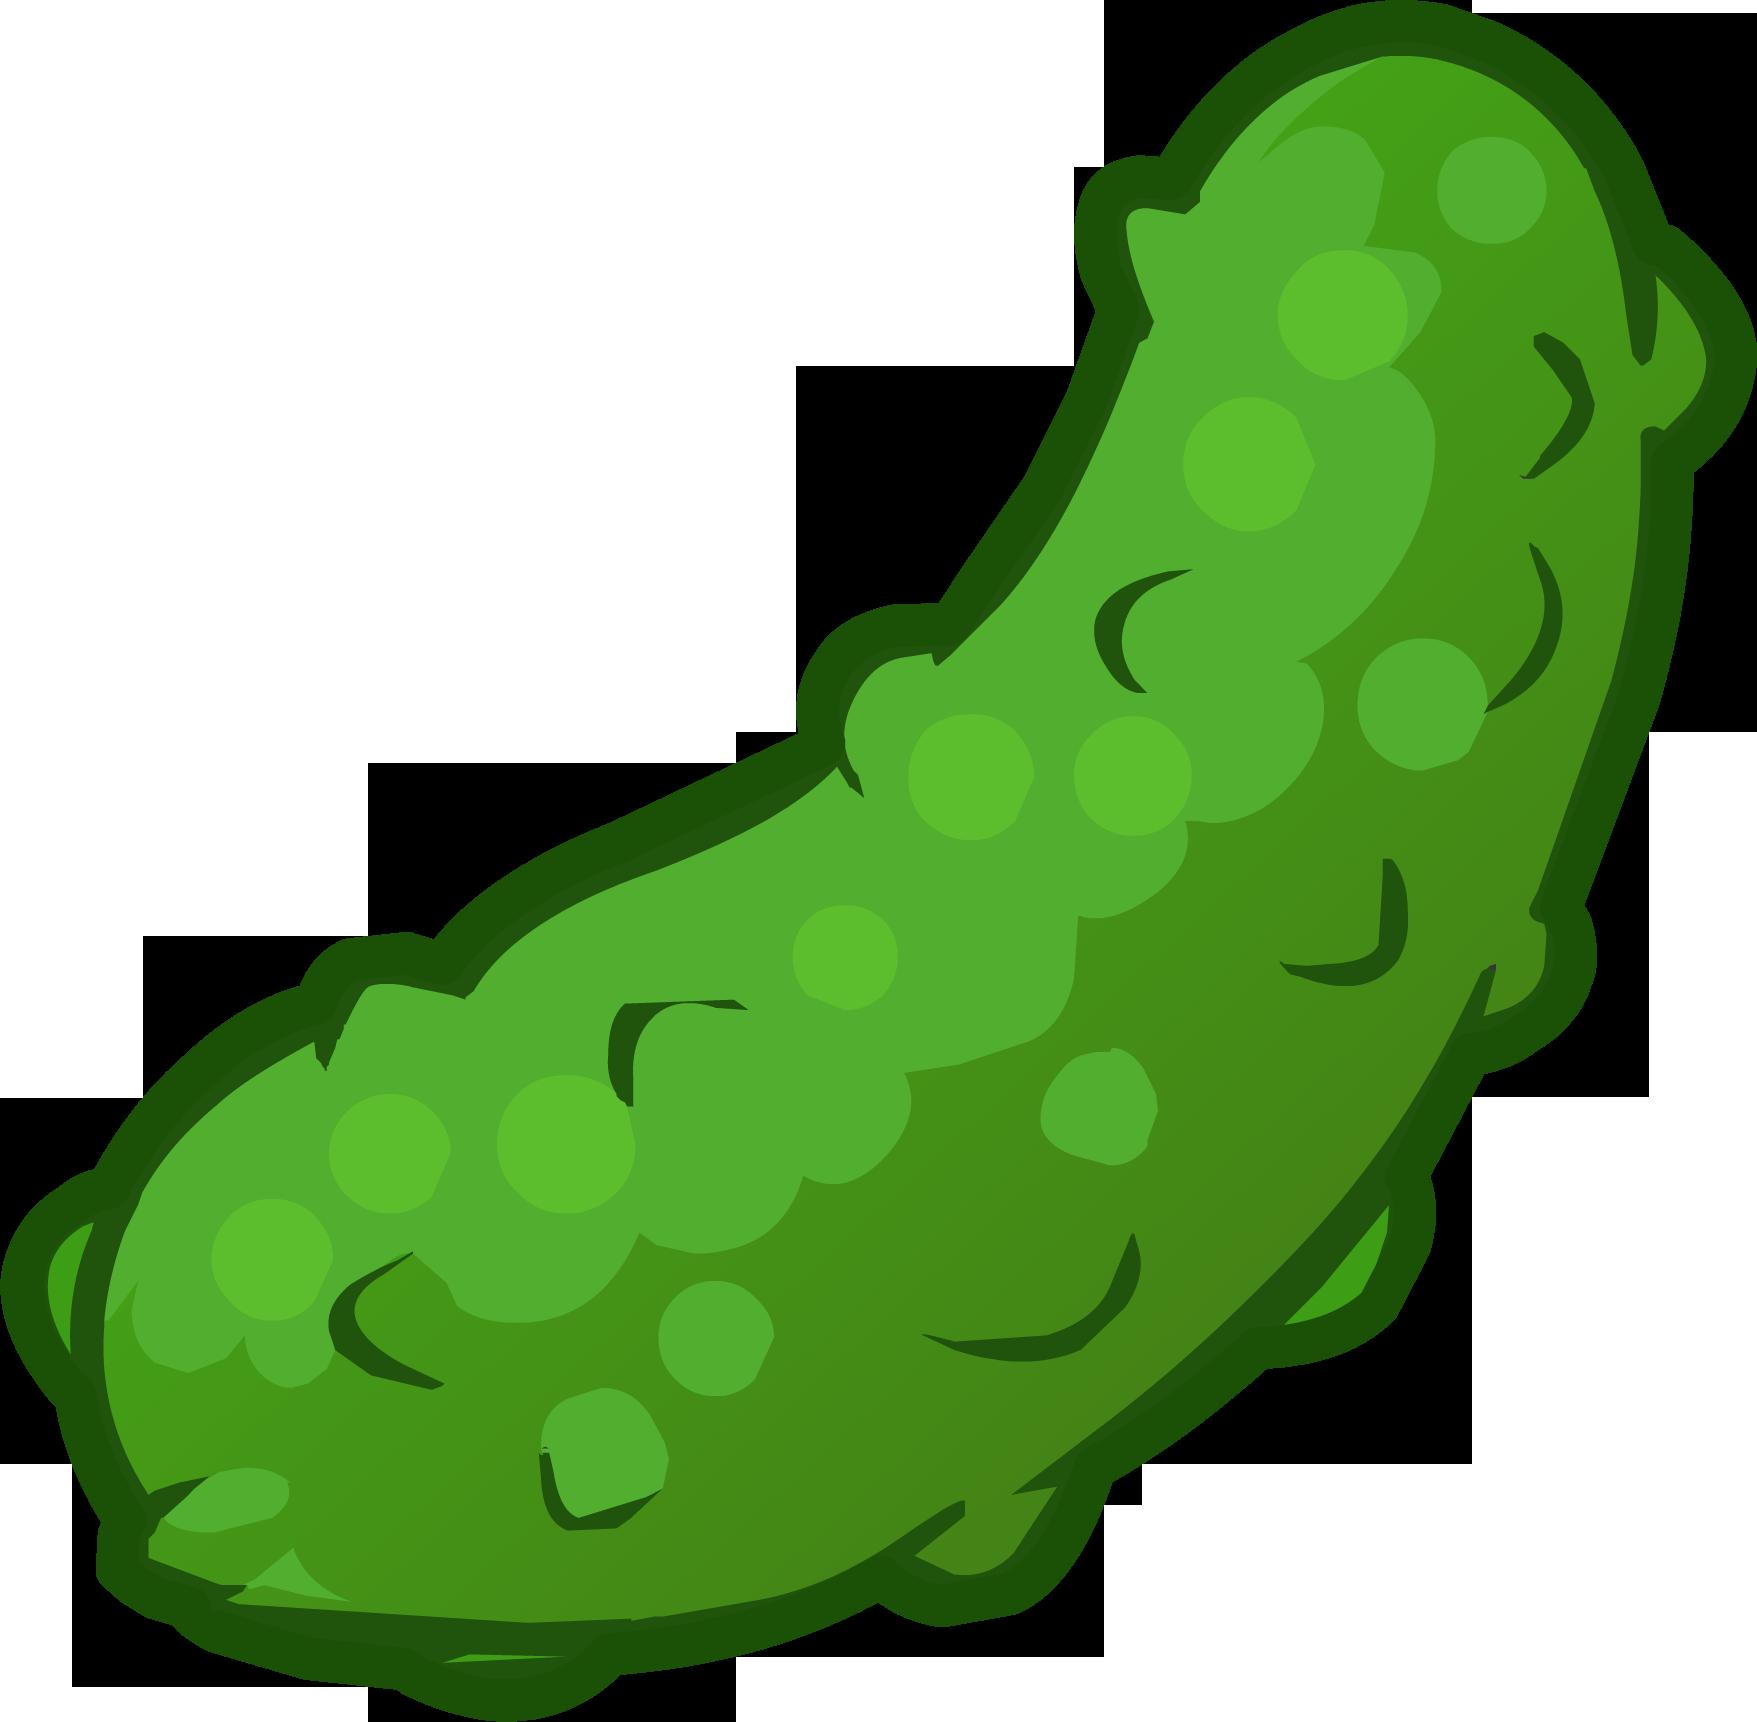 Pickle Clipart & Pickle Clip Art Images.